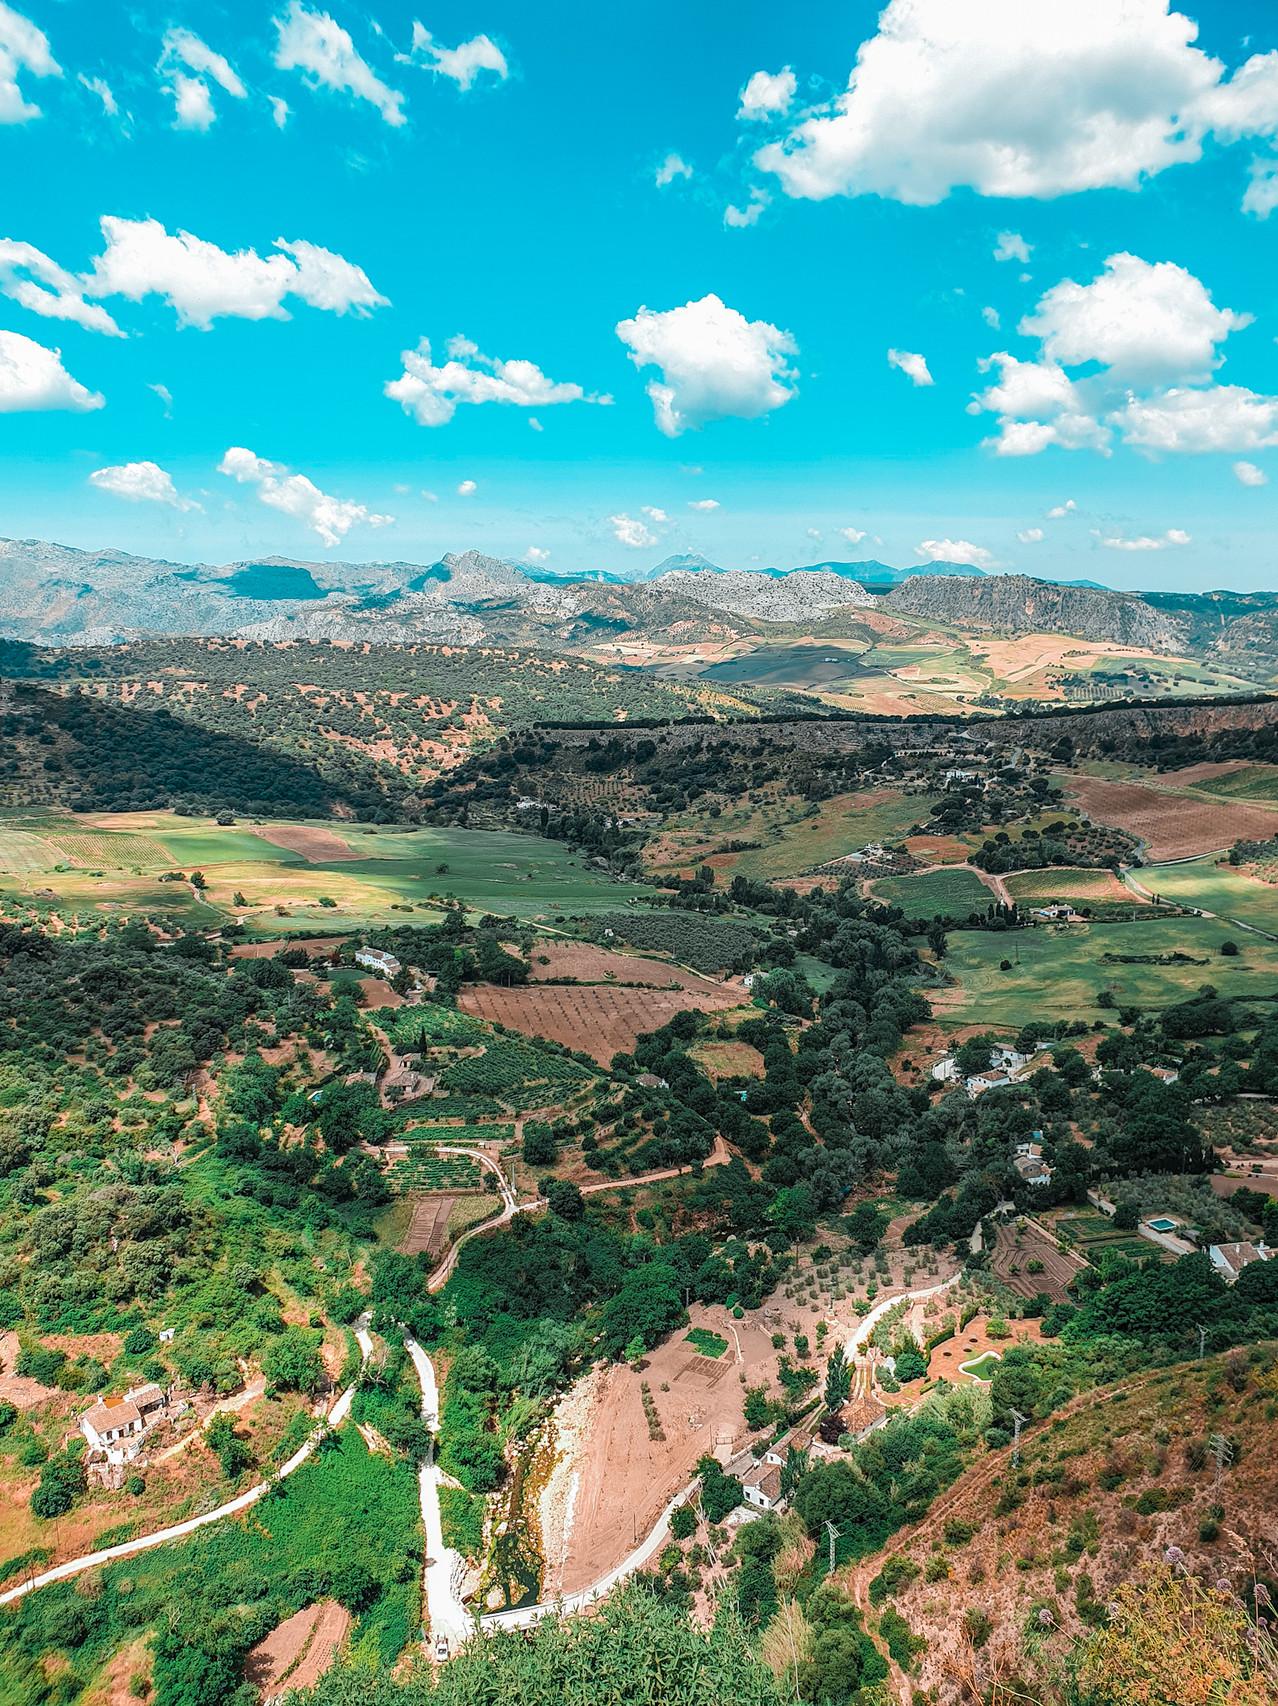 Ronda Valley - Andalusien- Malaga - Olivia Libi